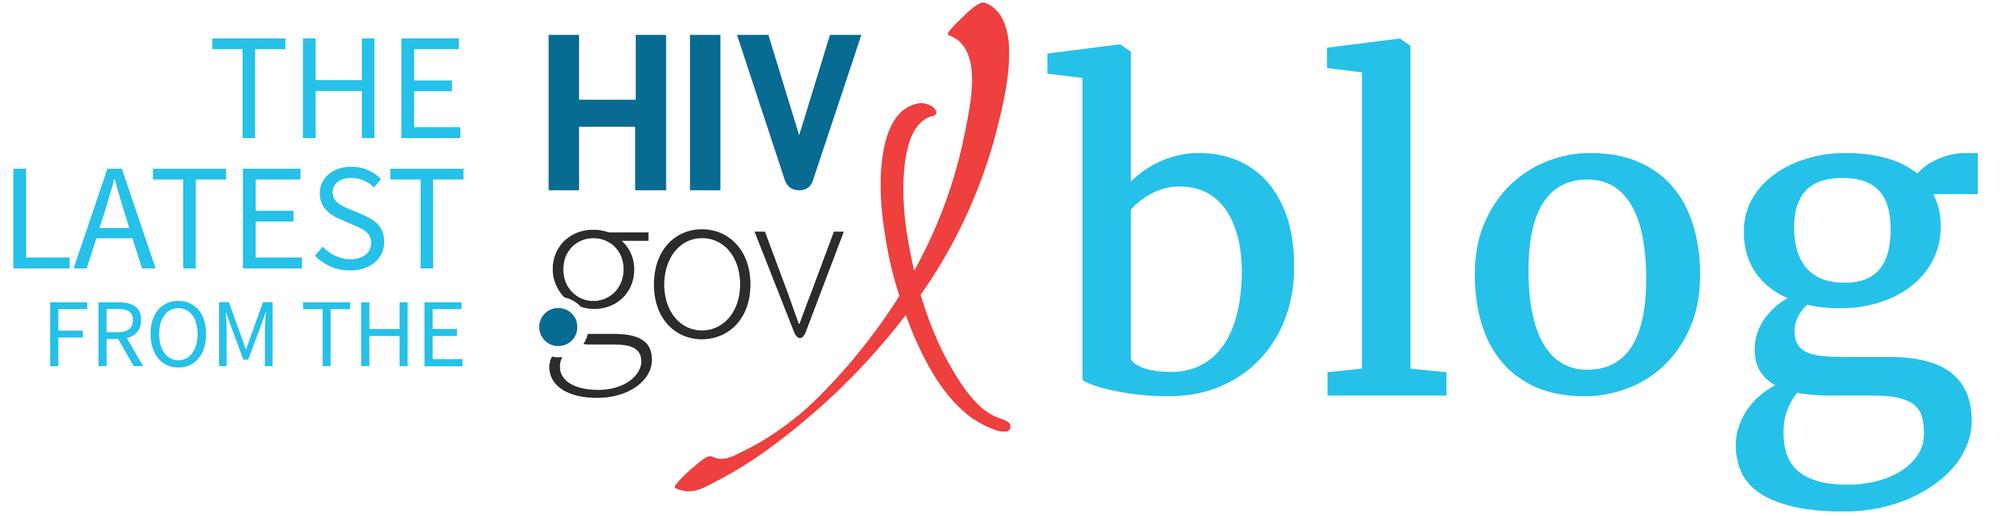 HIV.gov Logo